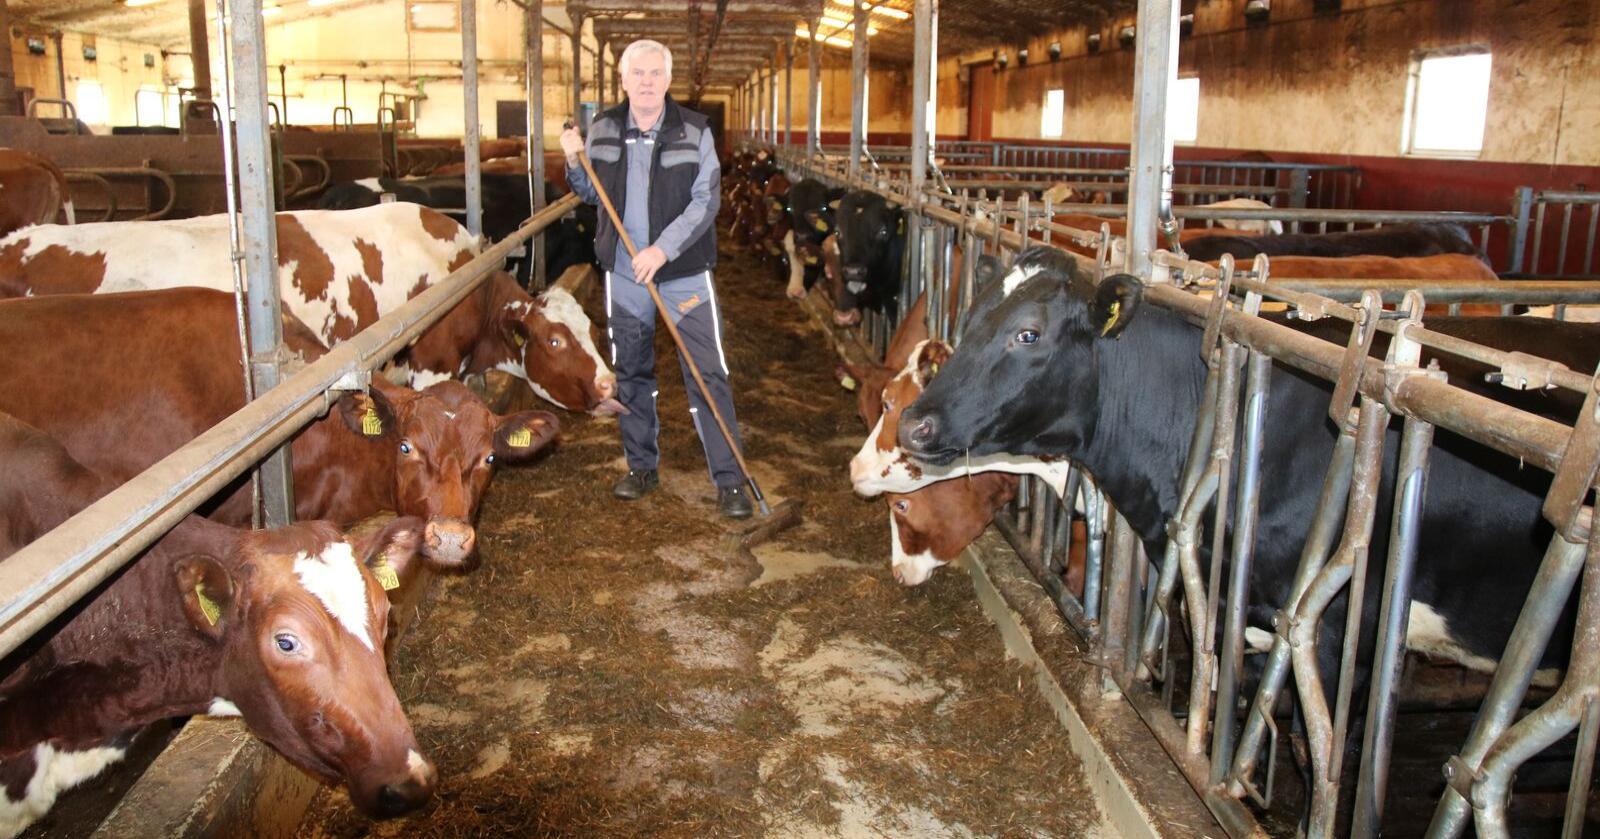 – Jeg vurderte helt seriøst å sende dyra til slakt. Kyr som havner på slakteriet driter ikke, sier Torgeir.